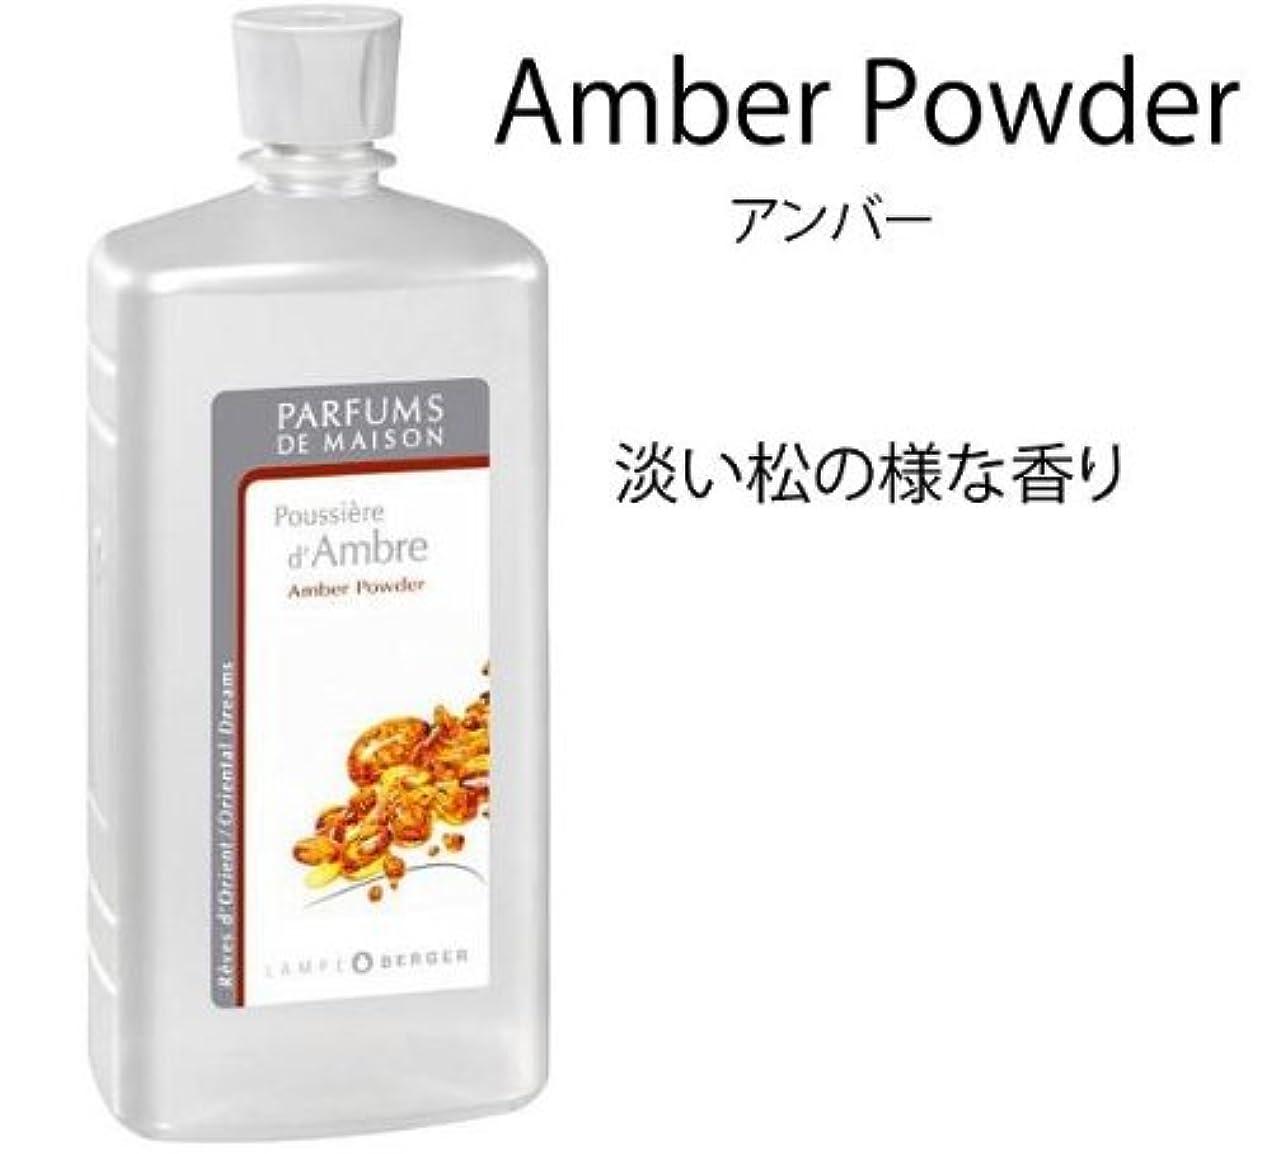 既に謎ダウンタウン【LAMP BERGER】France1000ml/Aroma Oil●Amber Powder●アンバー